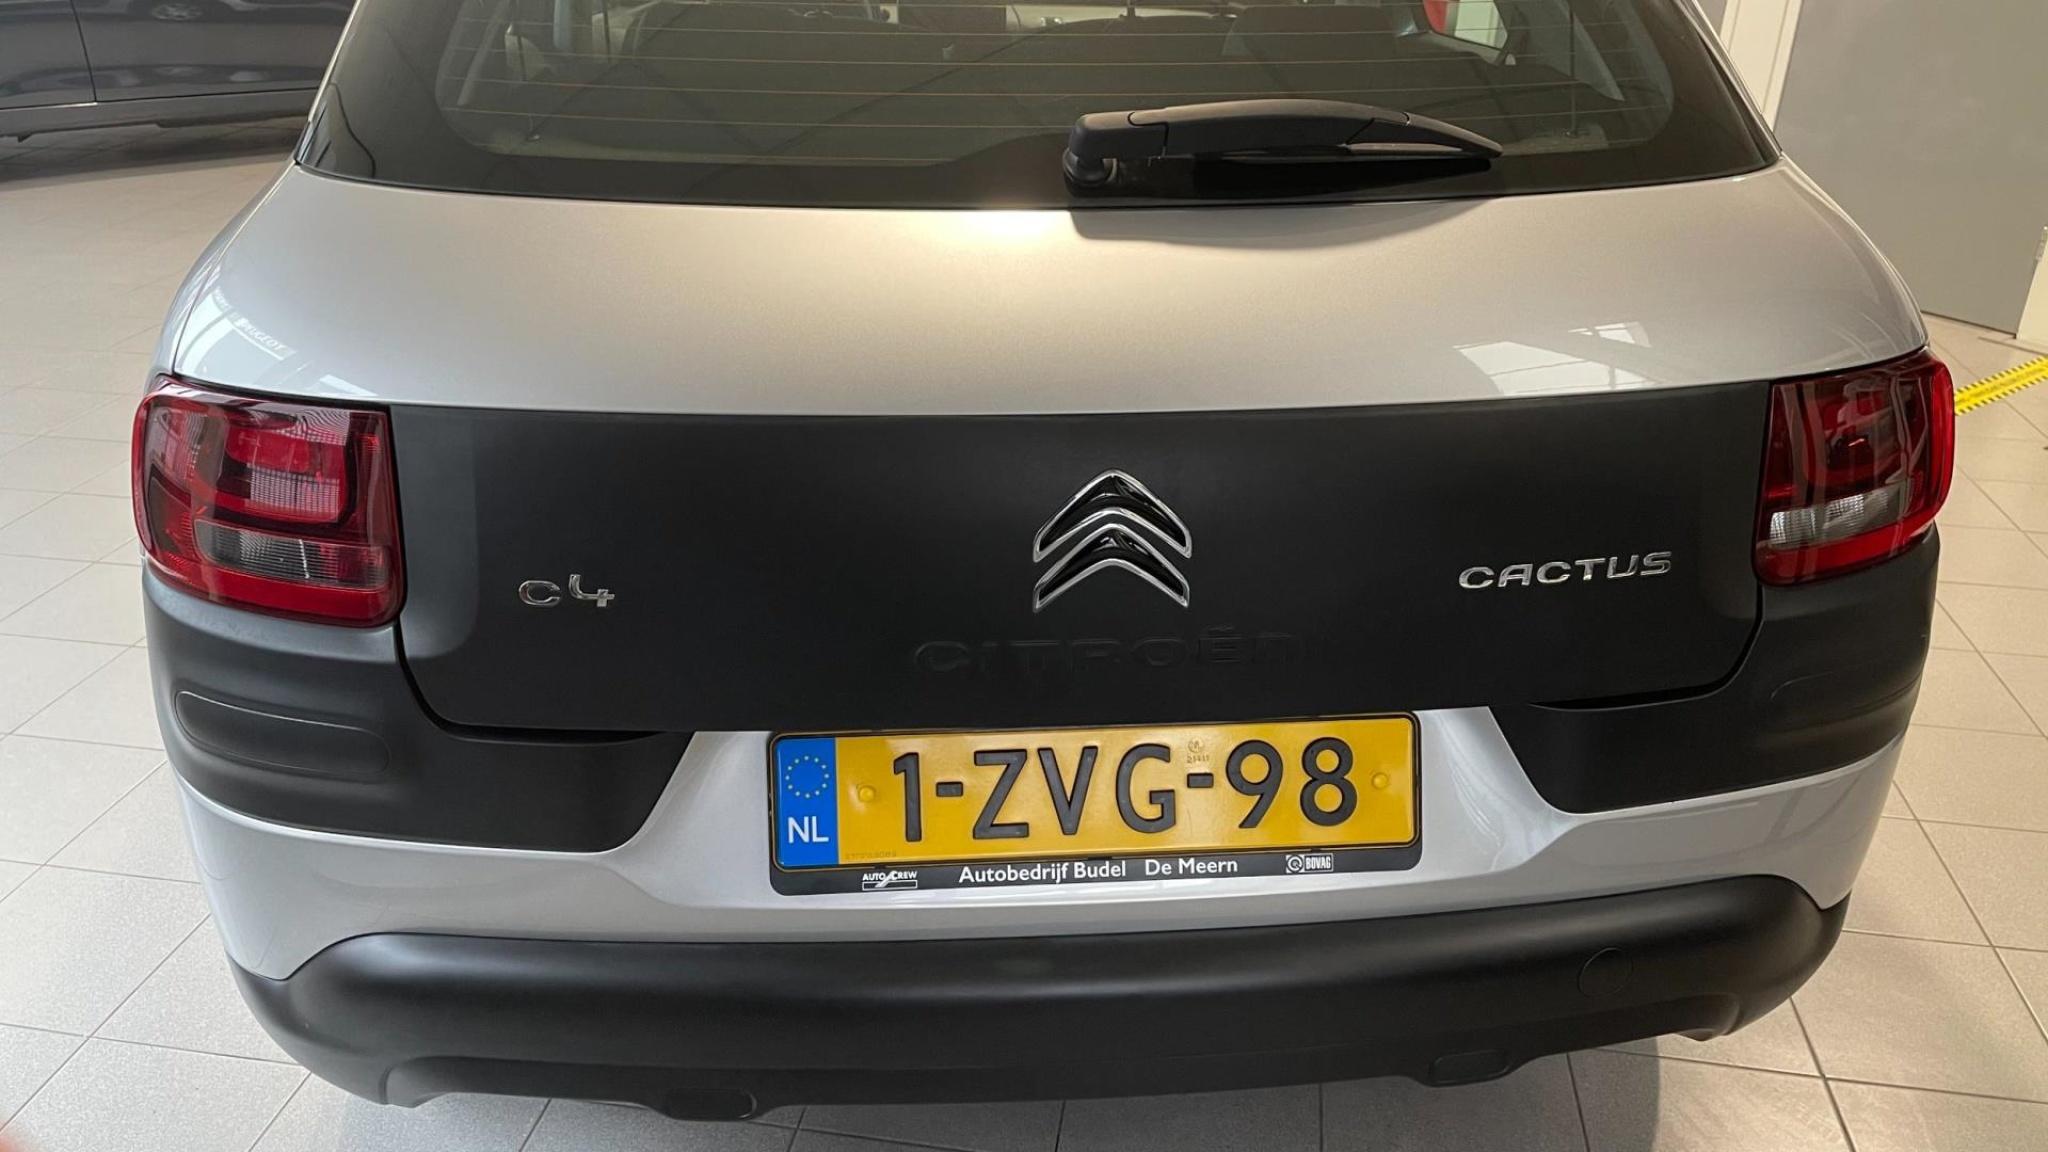 Citroën-C4 Cactus-7